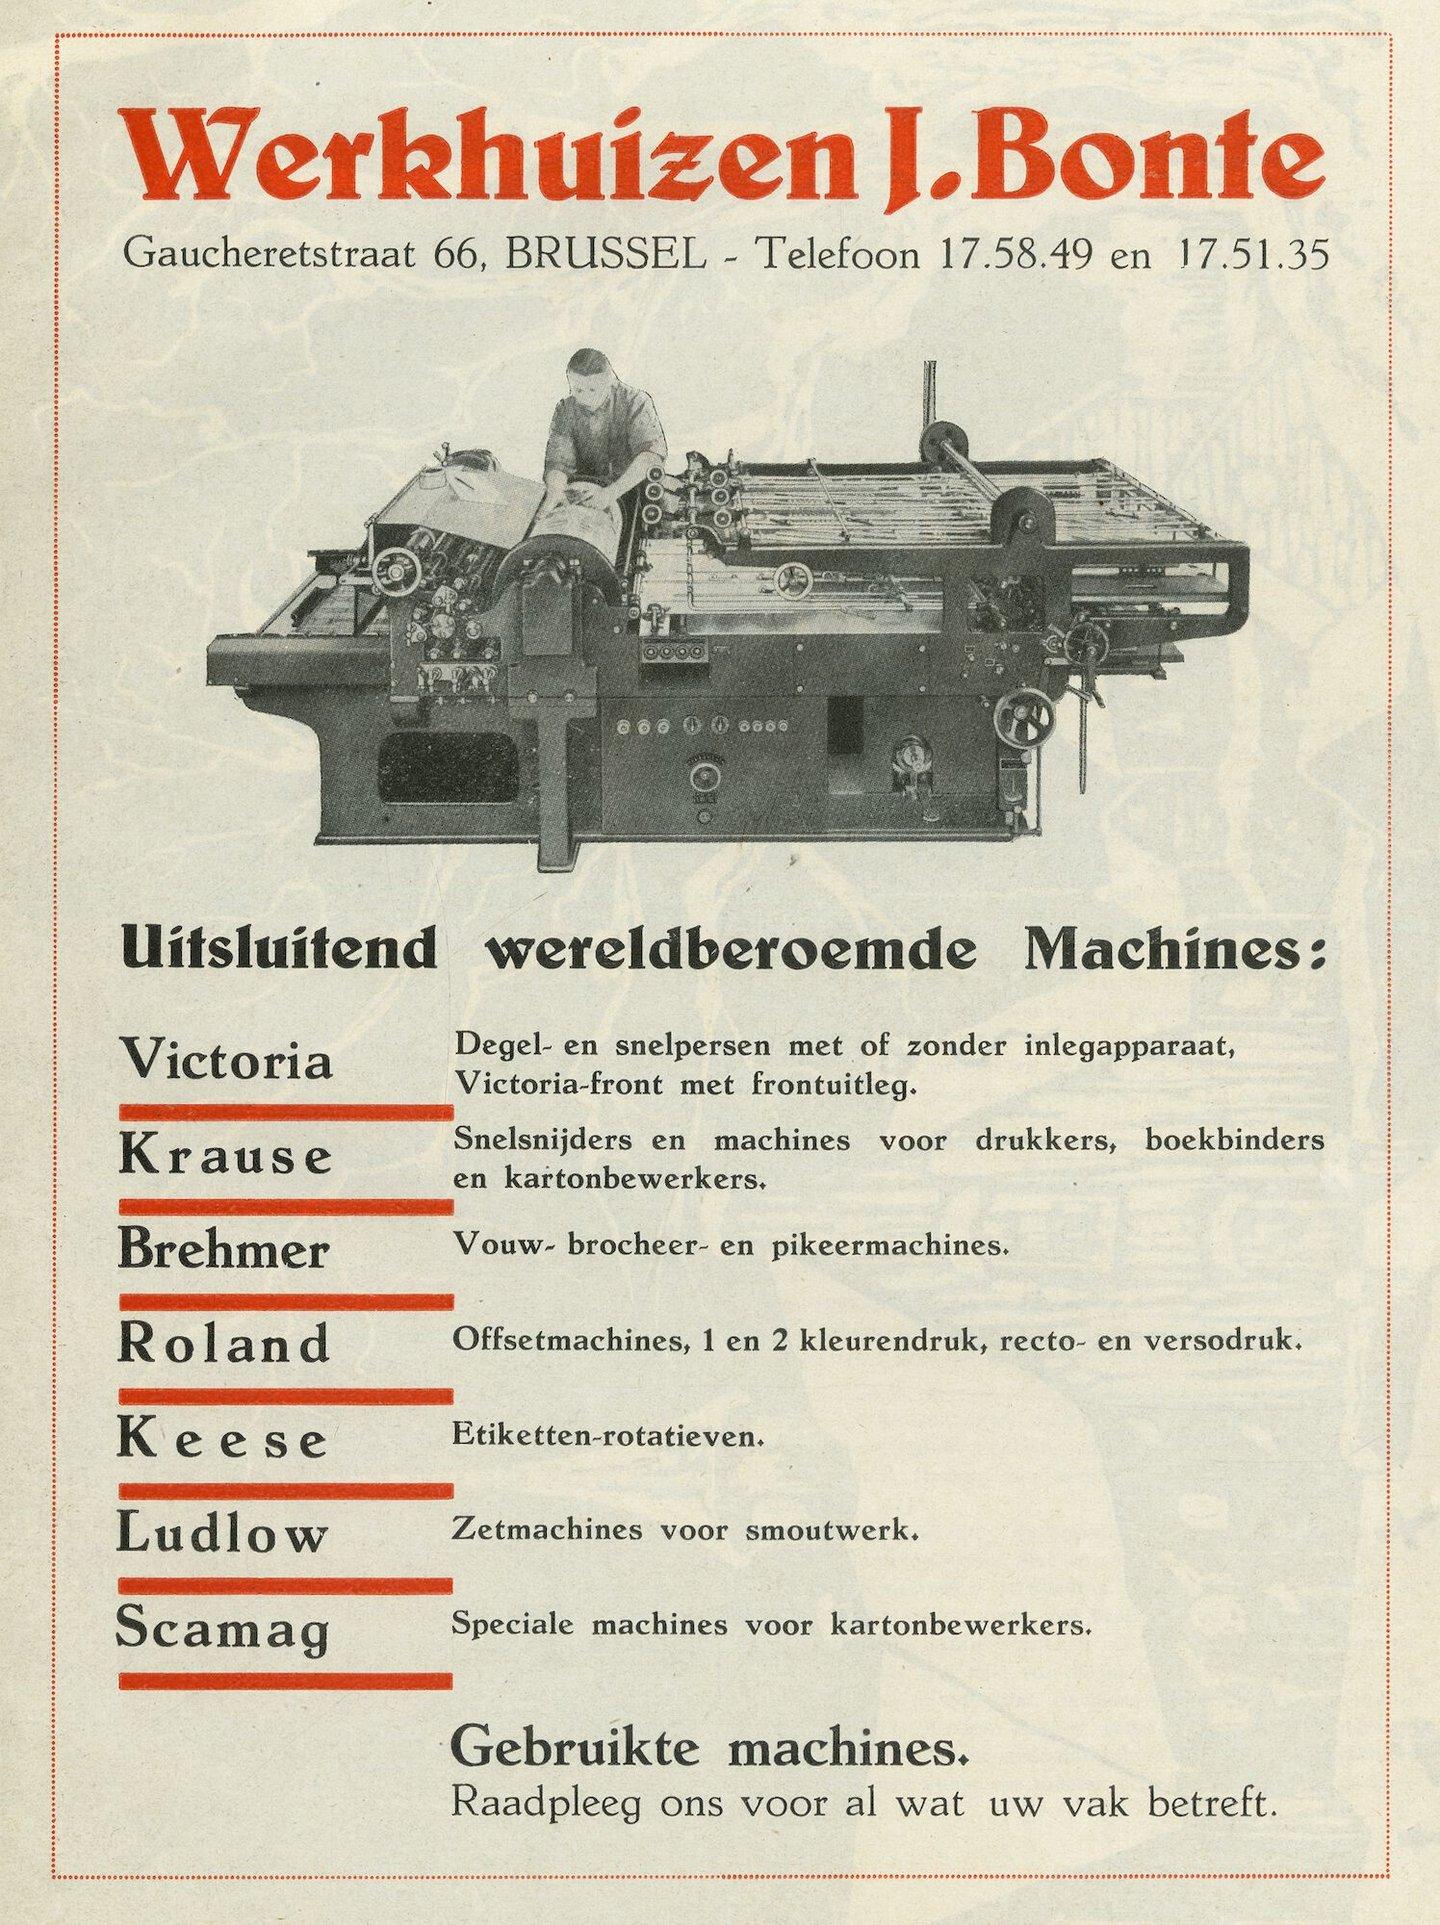 Reclame voor drukkerijmachines verdeeld door Bonte